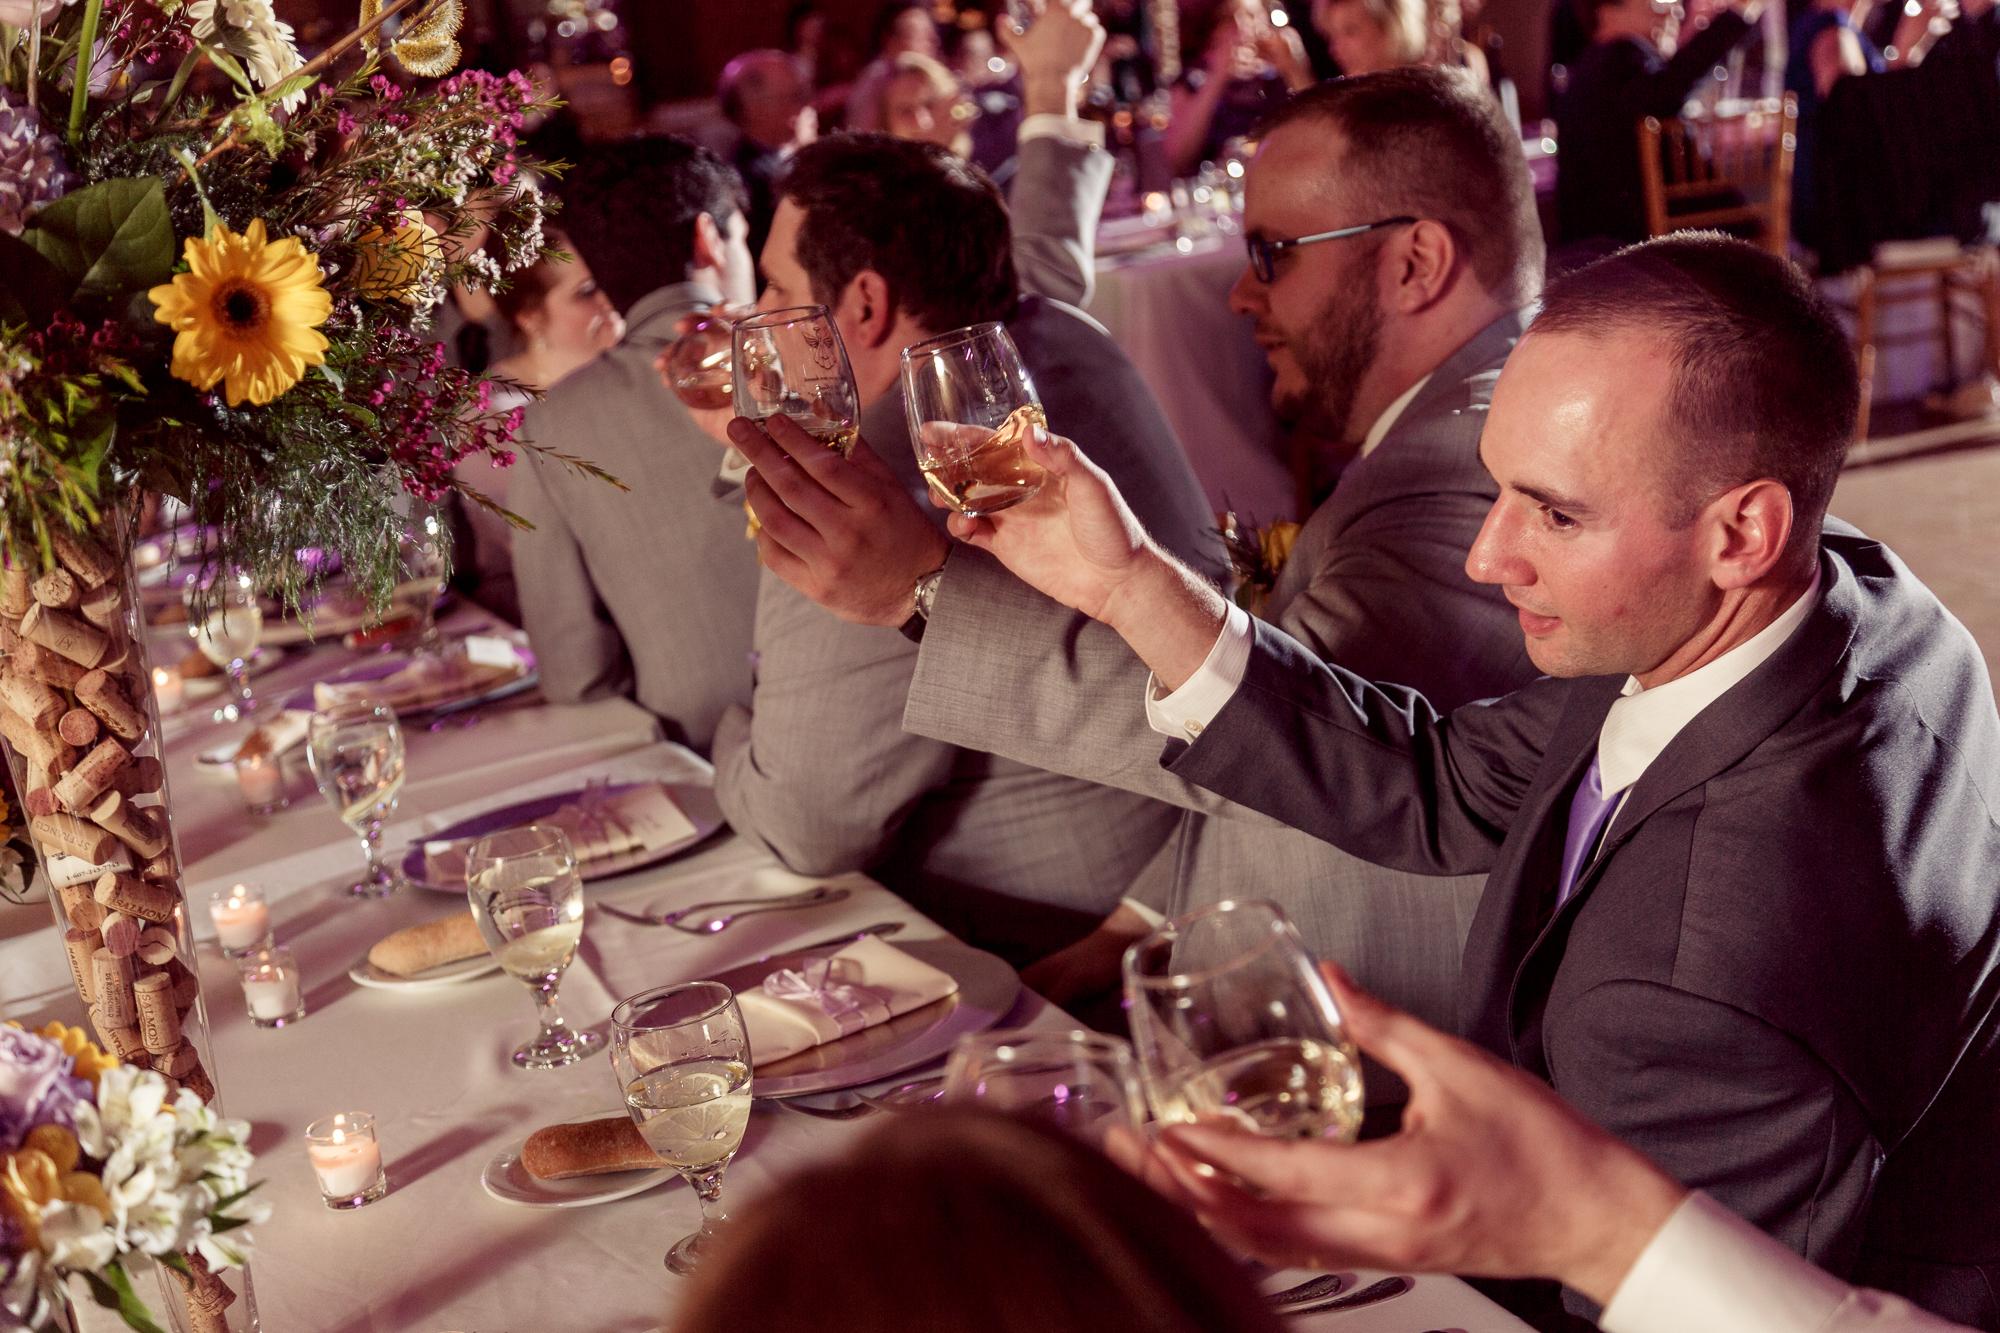 scranton-wedding-photography-zak-zavada-poconos--kellyGeoff-035.jpg